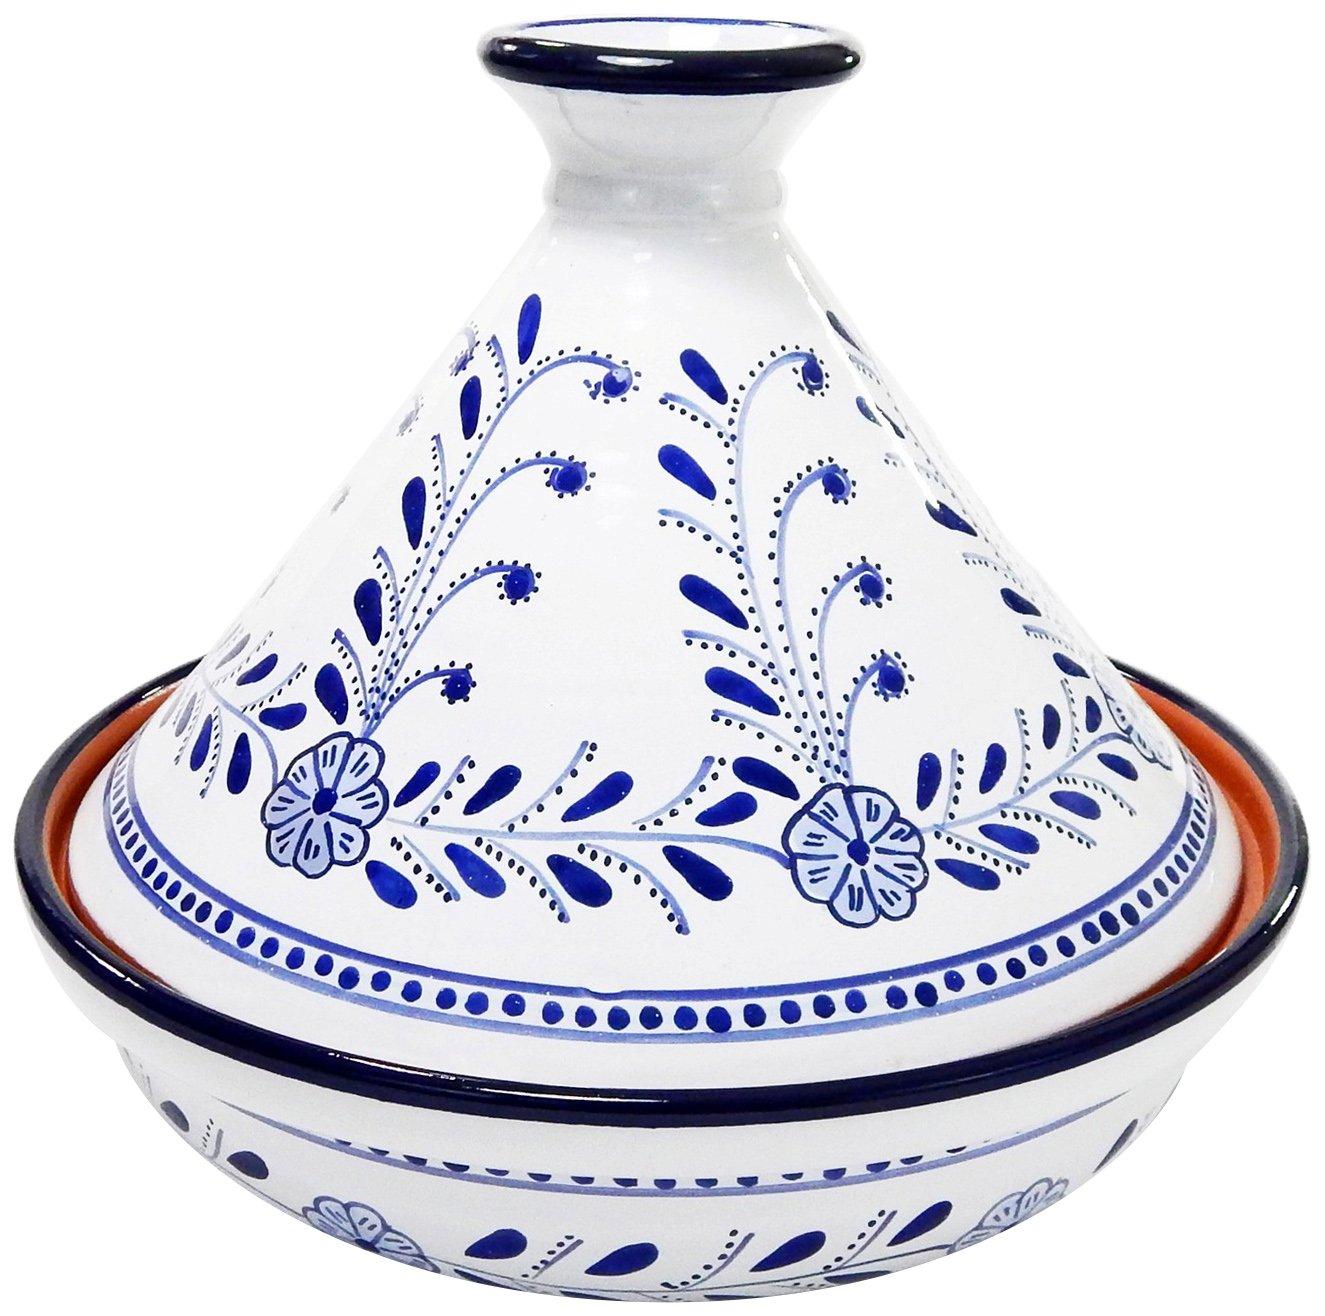 Le Souk Ceramique AZ20CT Cookable Tagine 12 Inch, Azoura, Large